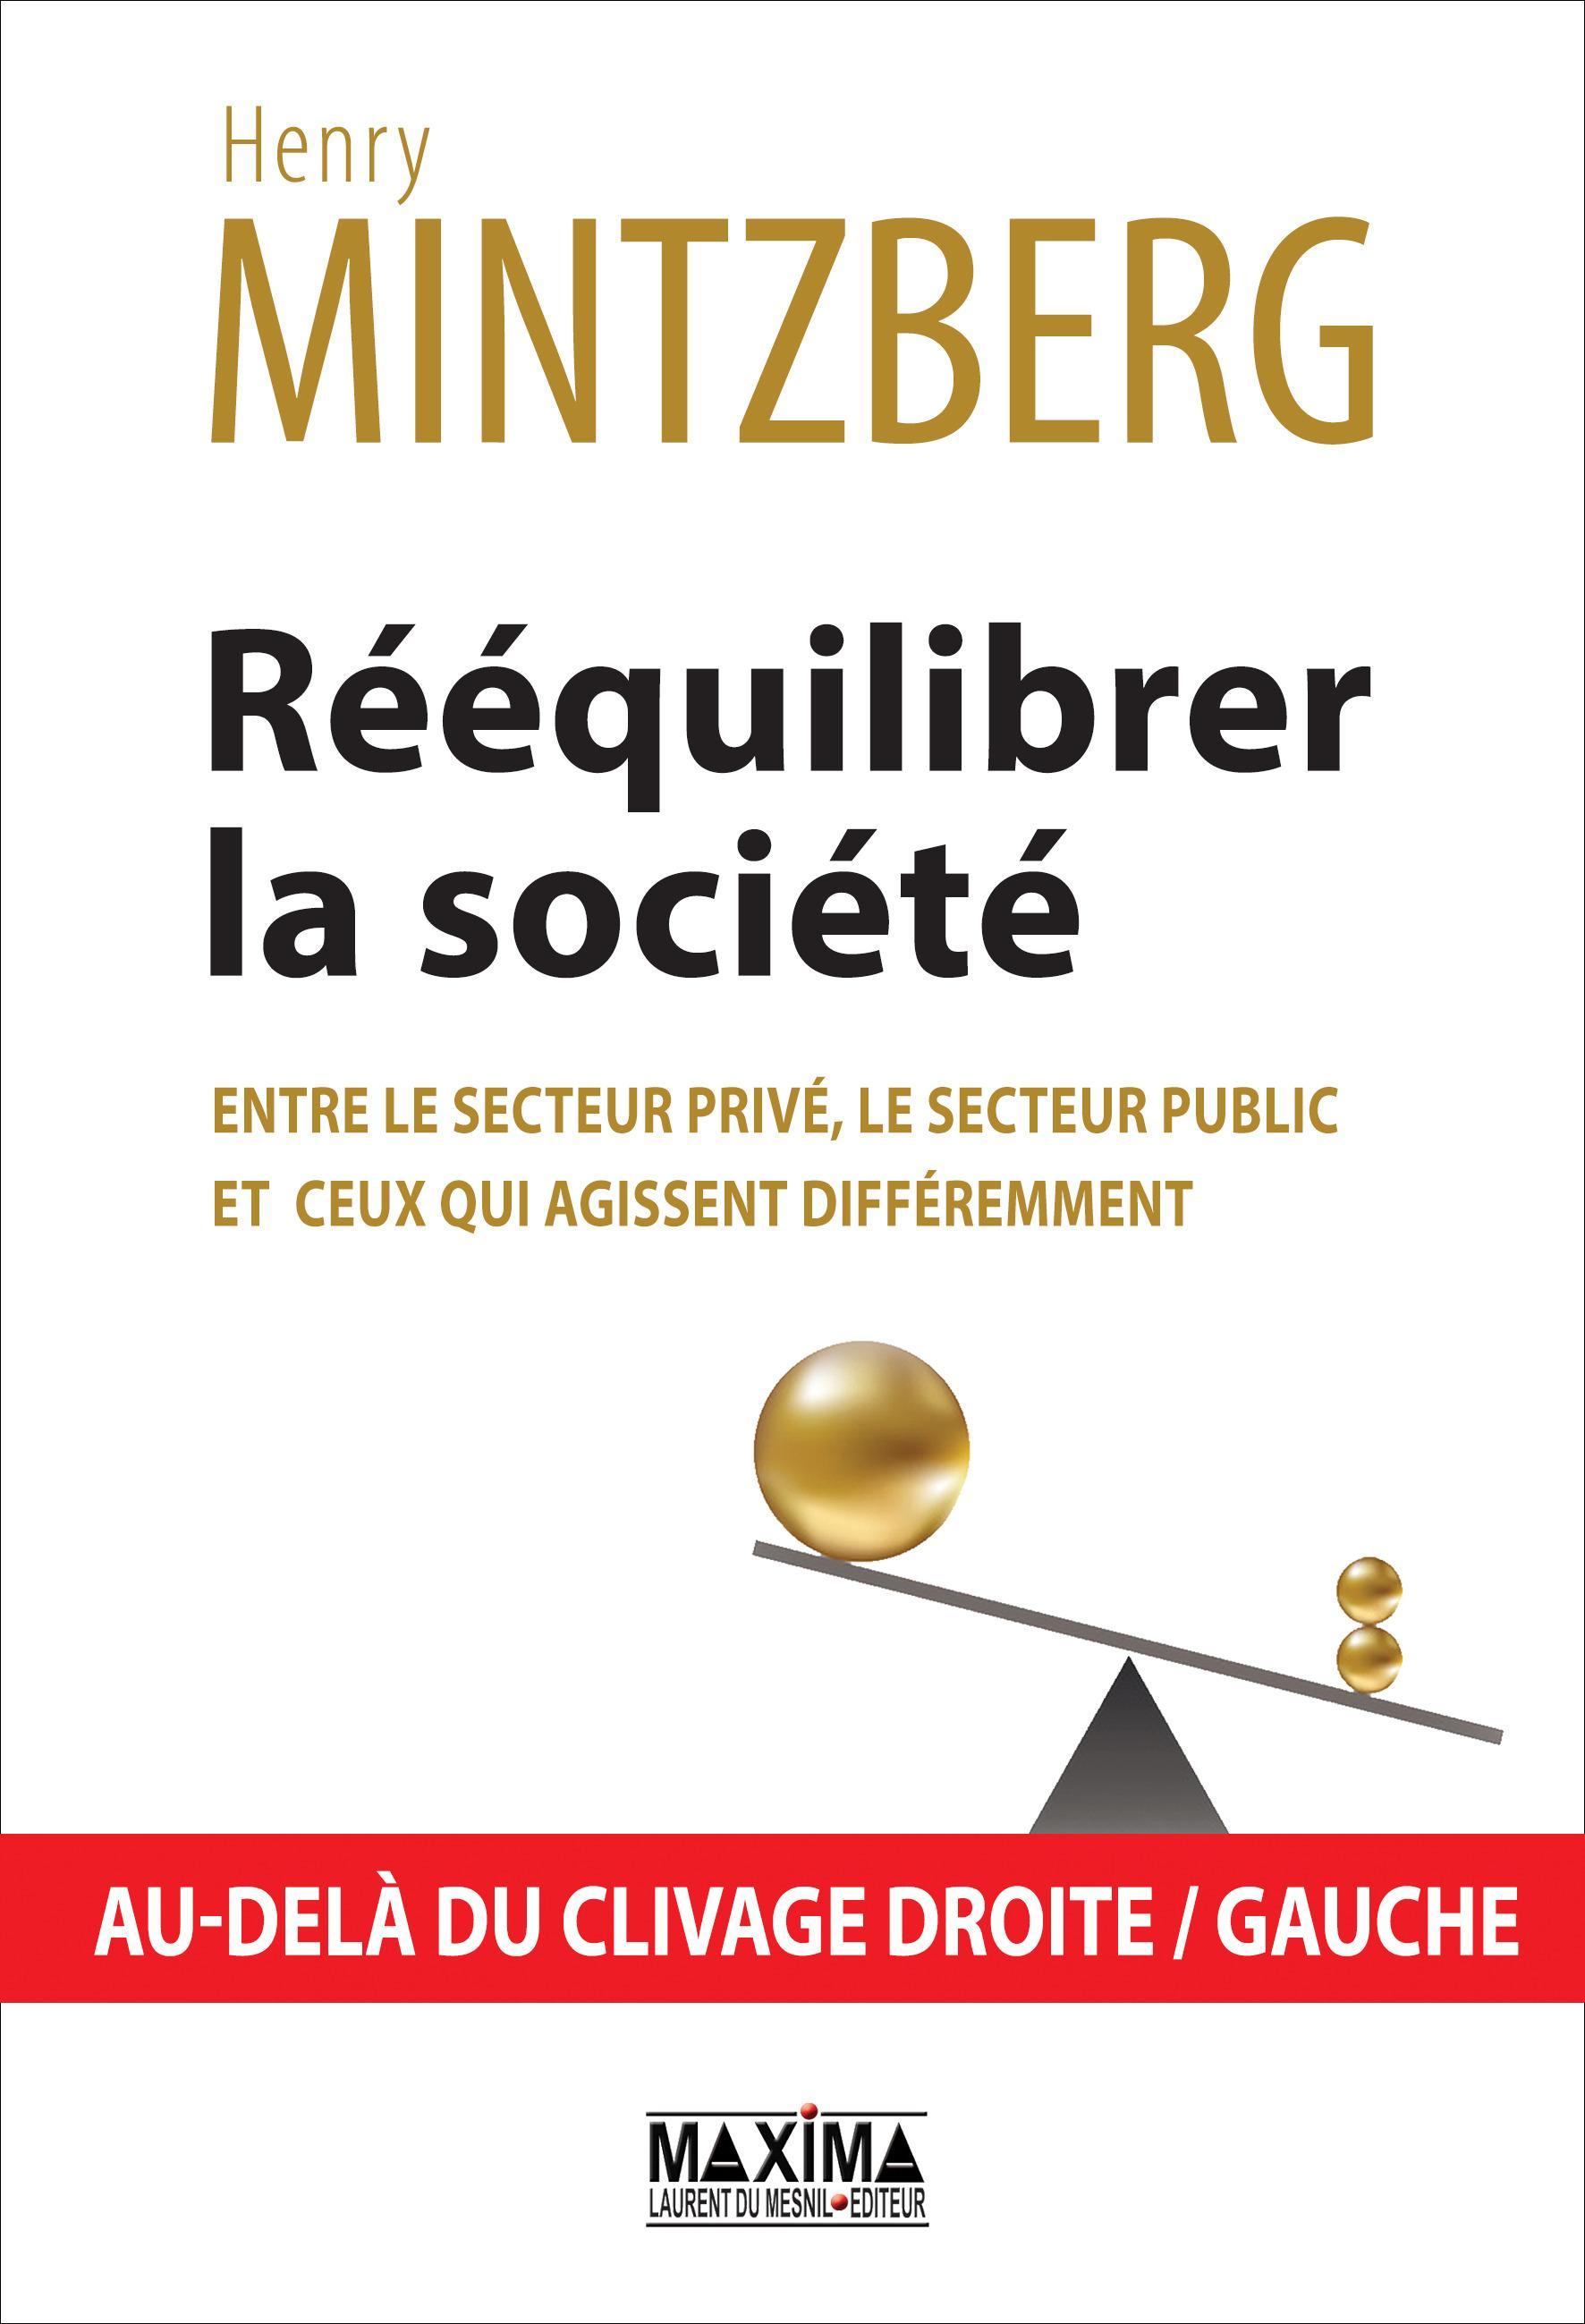 Rééquilibrer la société, entre le secteur privé, le secteur public et ceux qui agissent différemment, AU-DELÀ DU CLIVAGE DROITE / GAUCHE